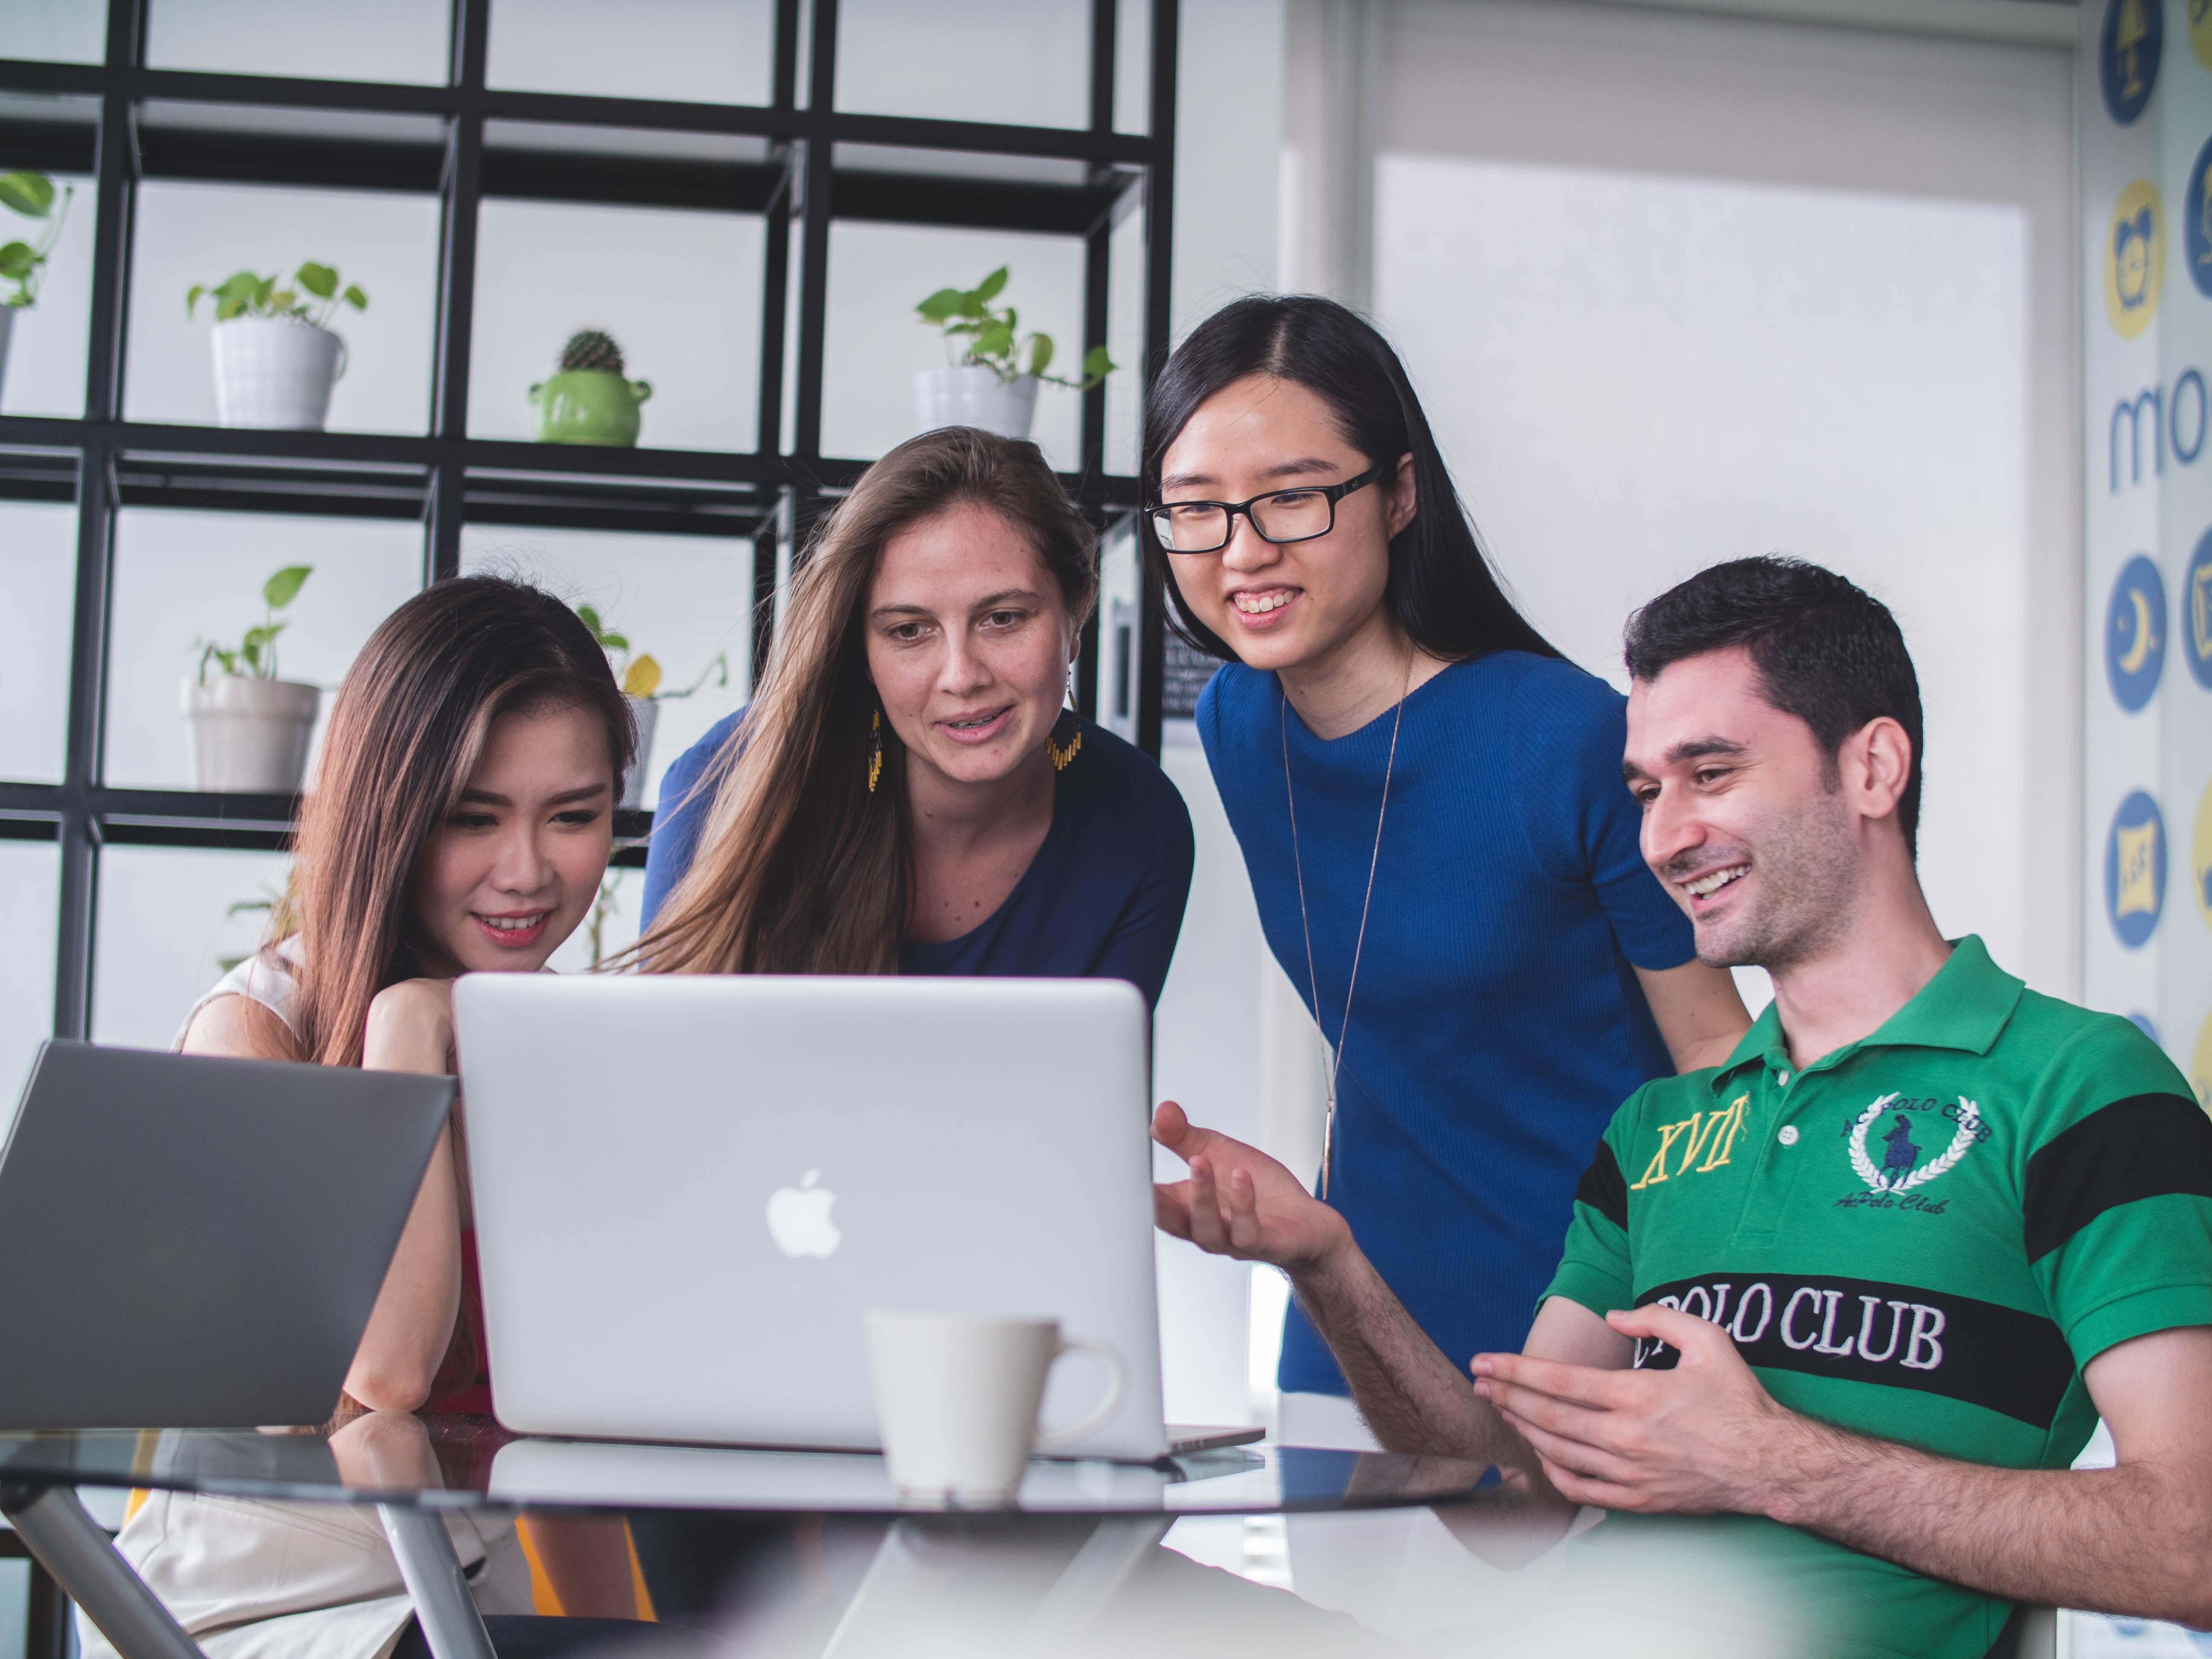 Faire décoller vos projets de freelance en 2019